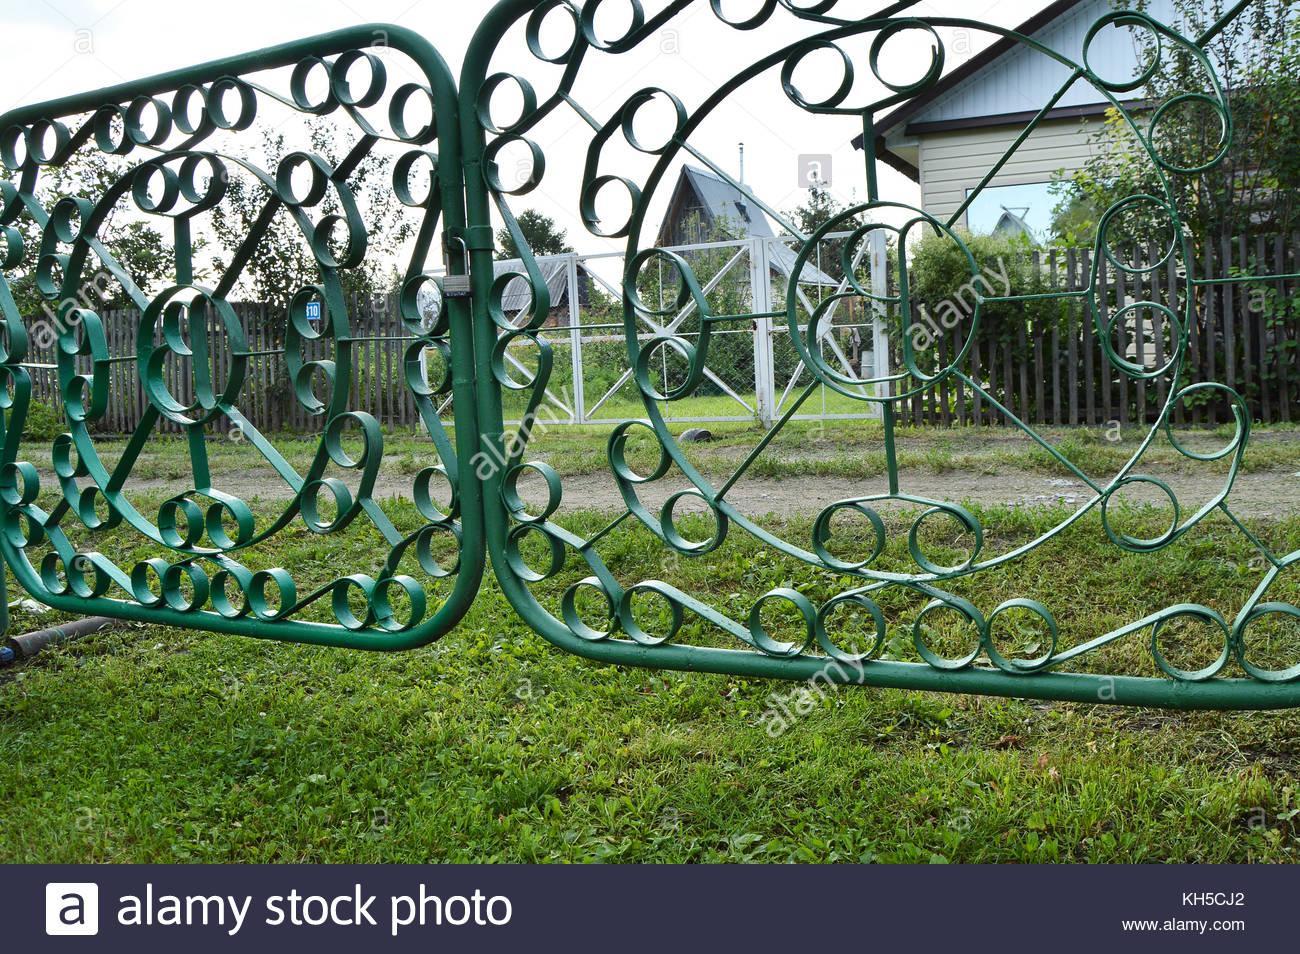 Zaun Garten Metall